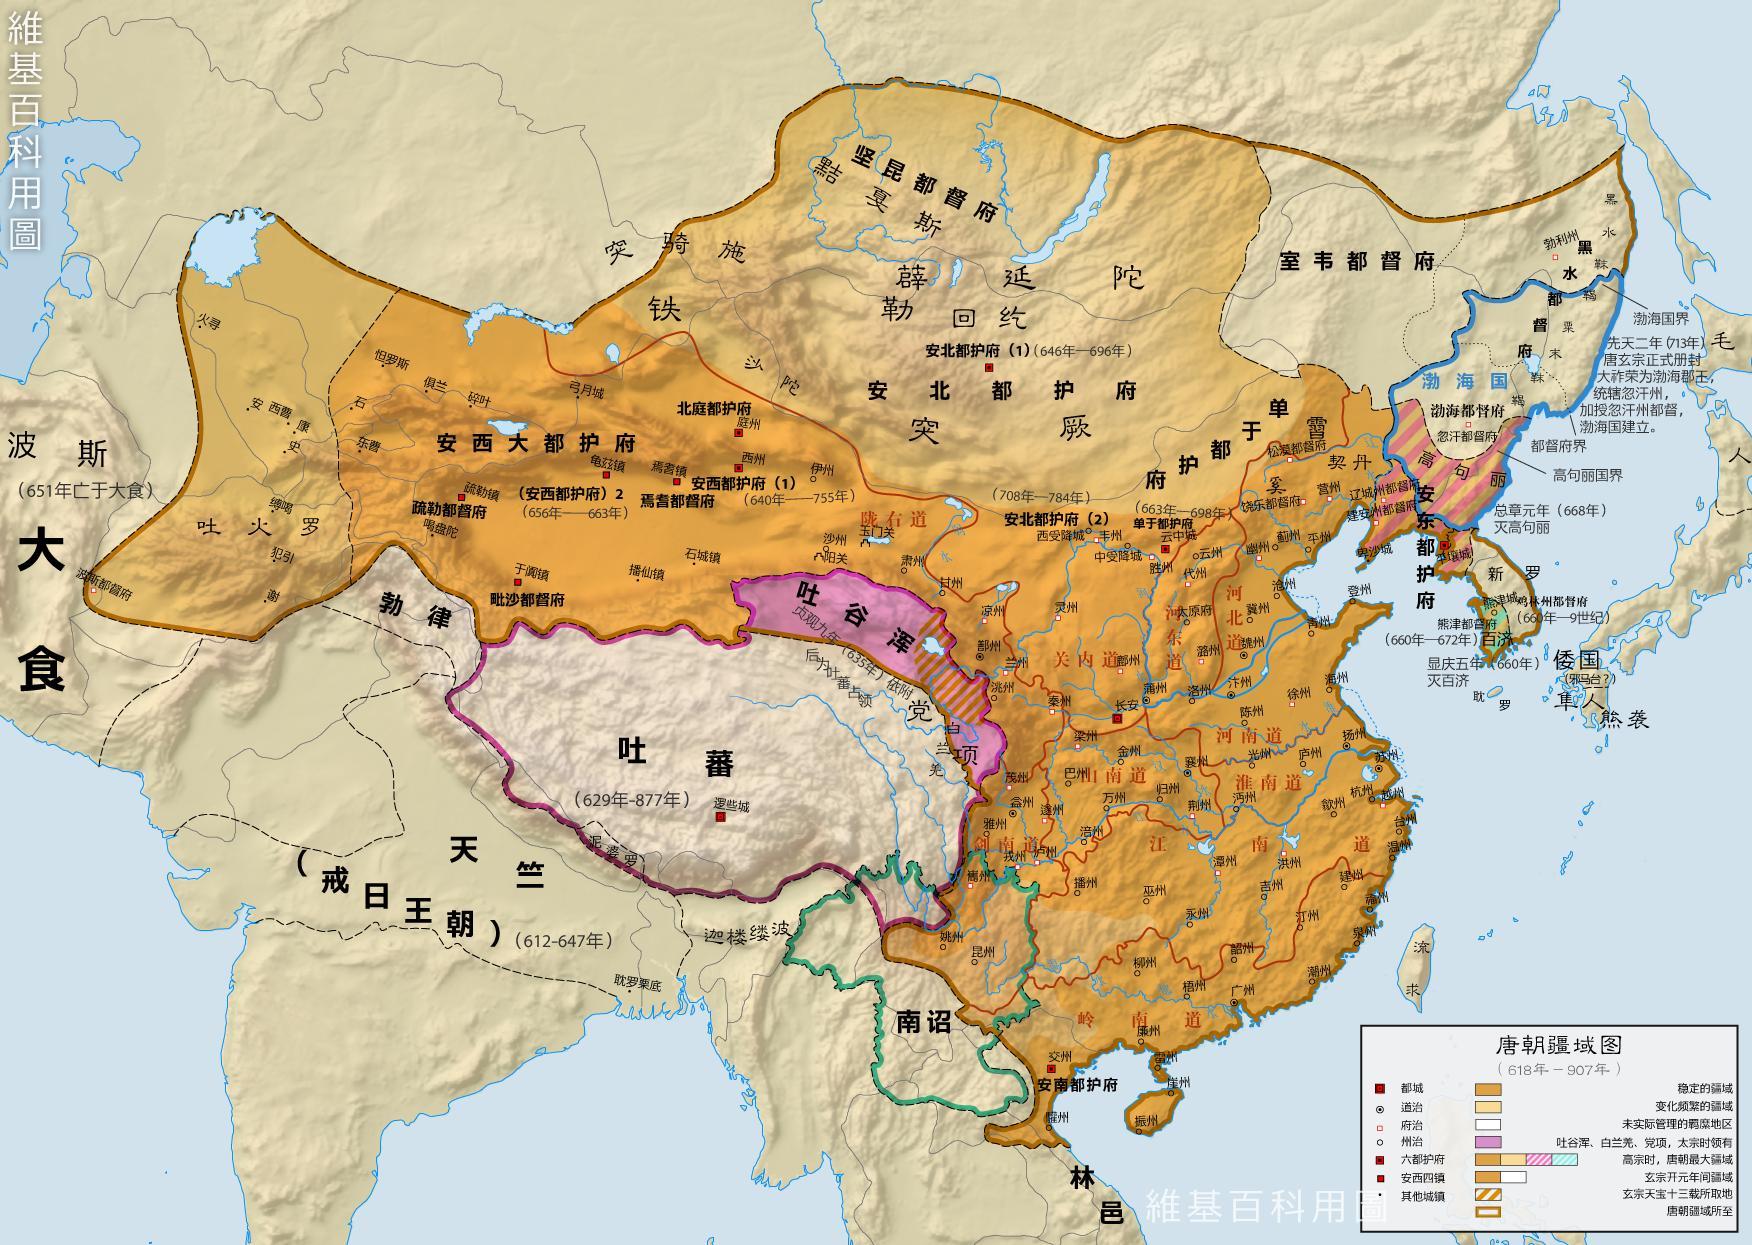 中国历史上最强大的朝代,哪个你觉得最强大?